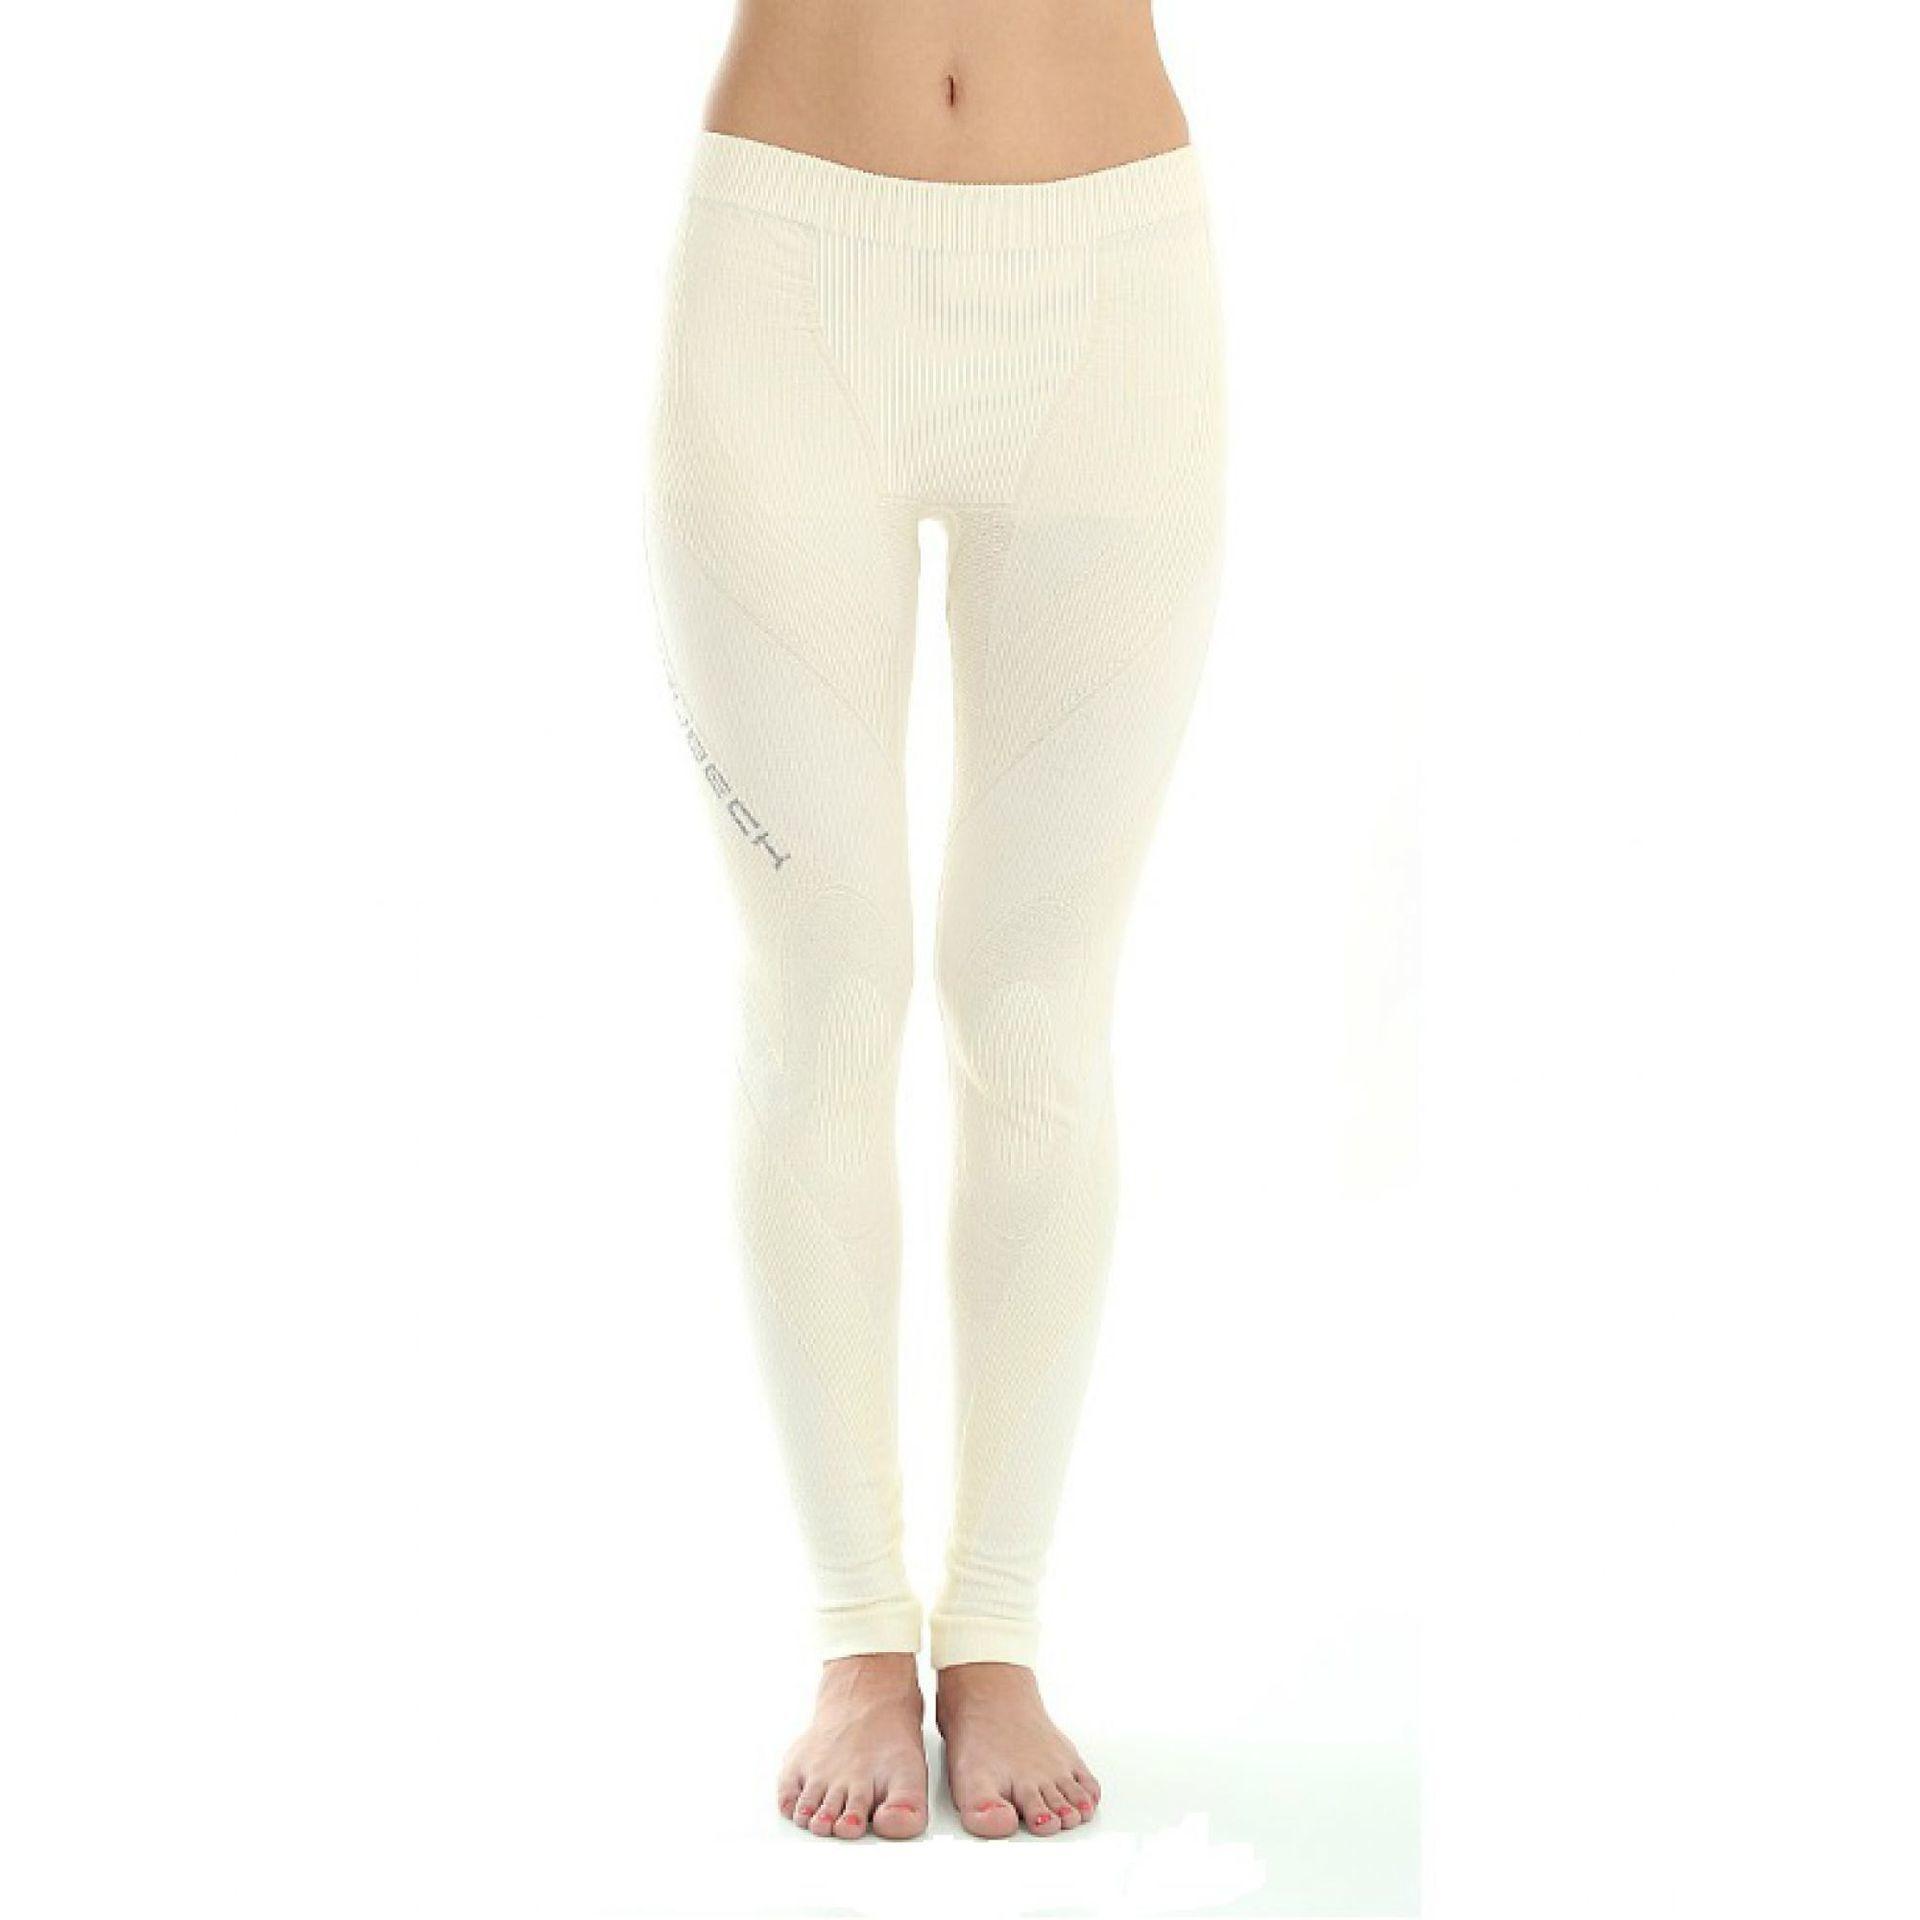 Spodnie damskie Brubeck Extreme Merino biały